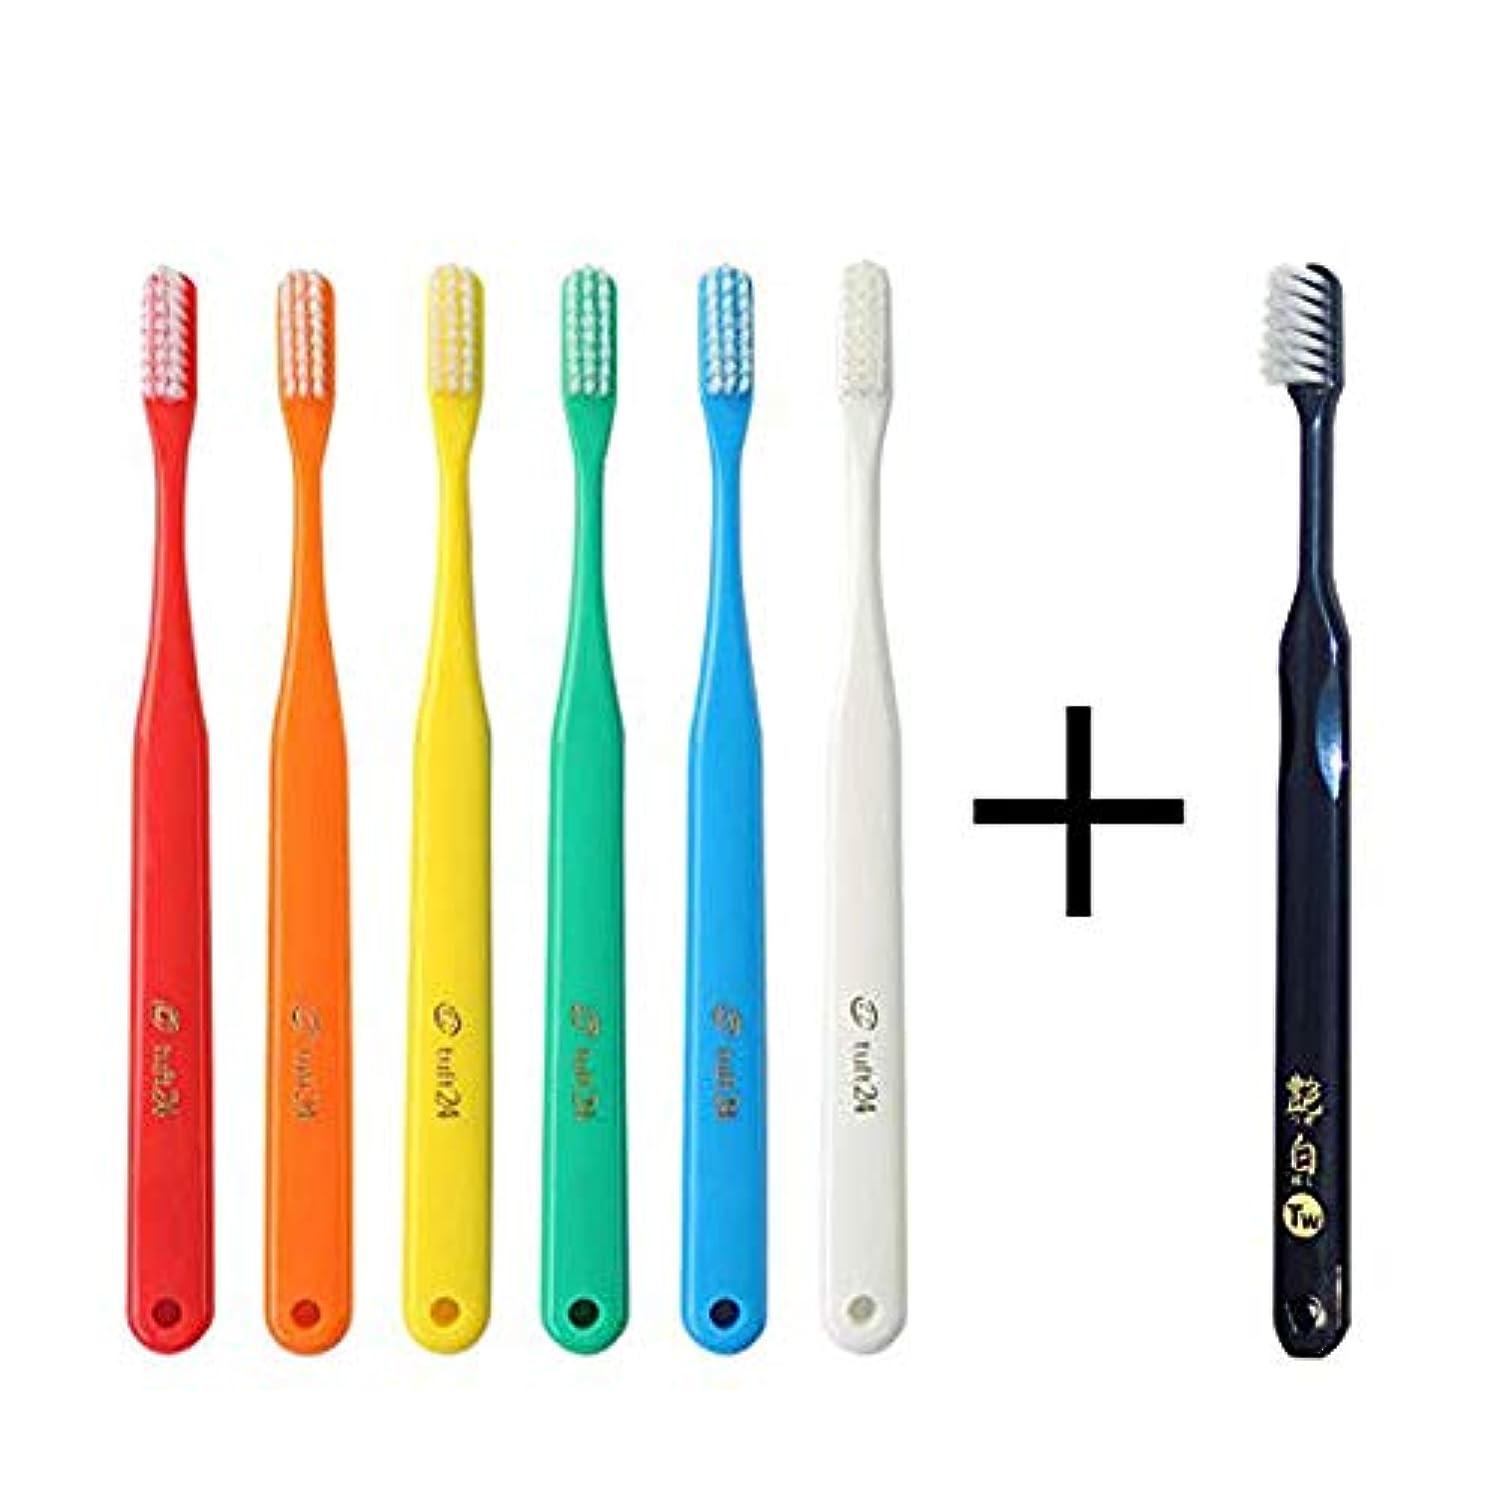 事実上かろうじて最少タフト24 歯ブラシ× 10本 (M) キャップなし + 艶白ツイン 歯ブラシ (M ふつう) ×1本 むし歯予防 歯科専売